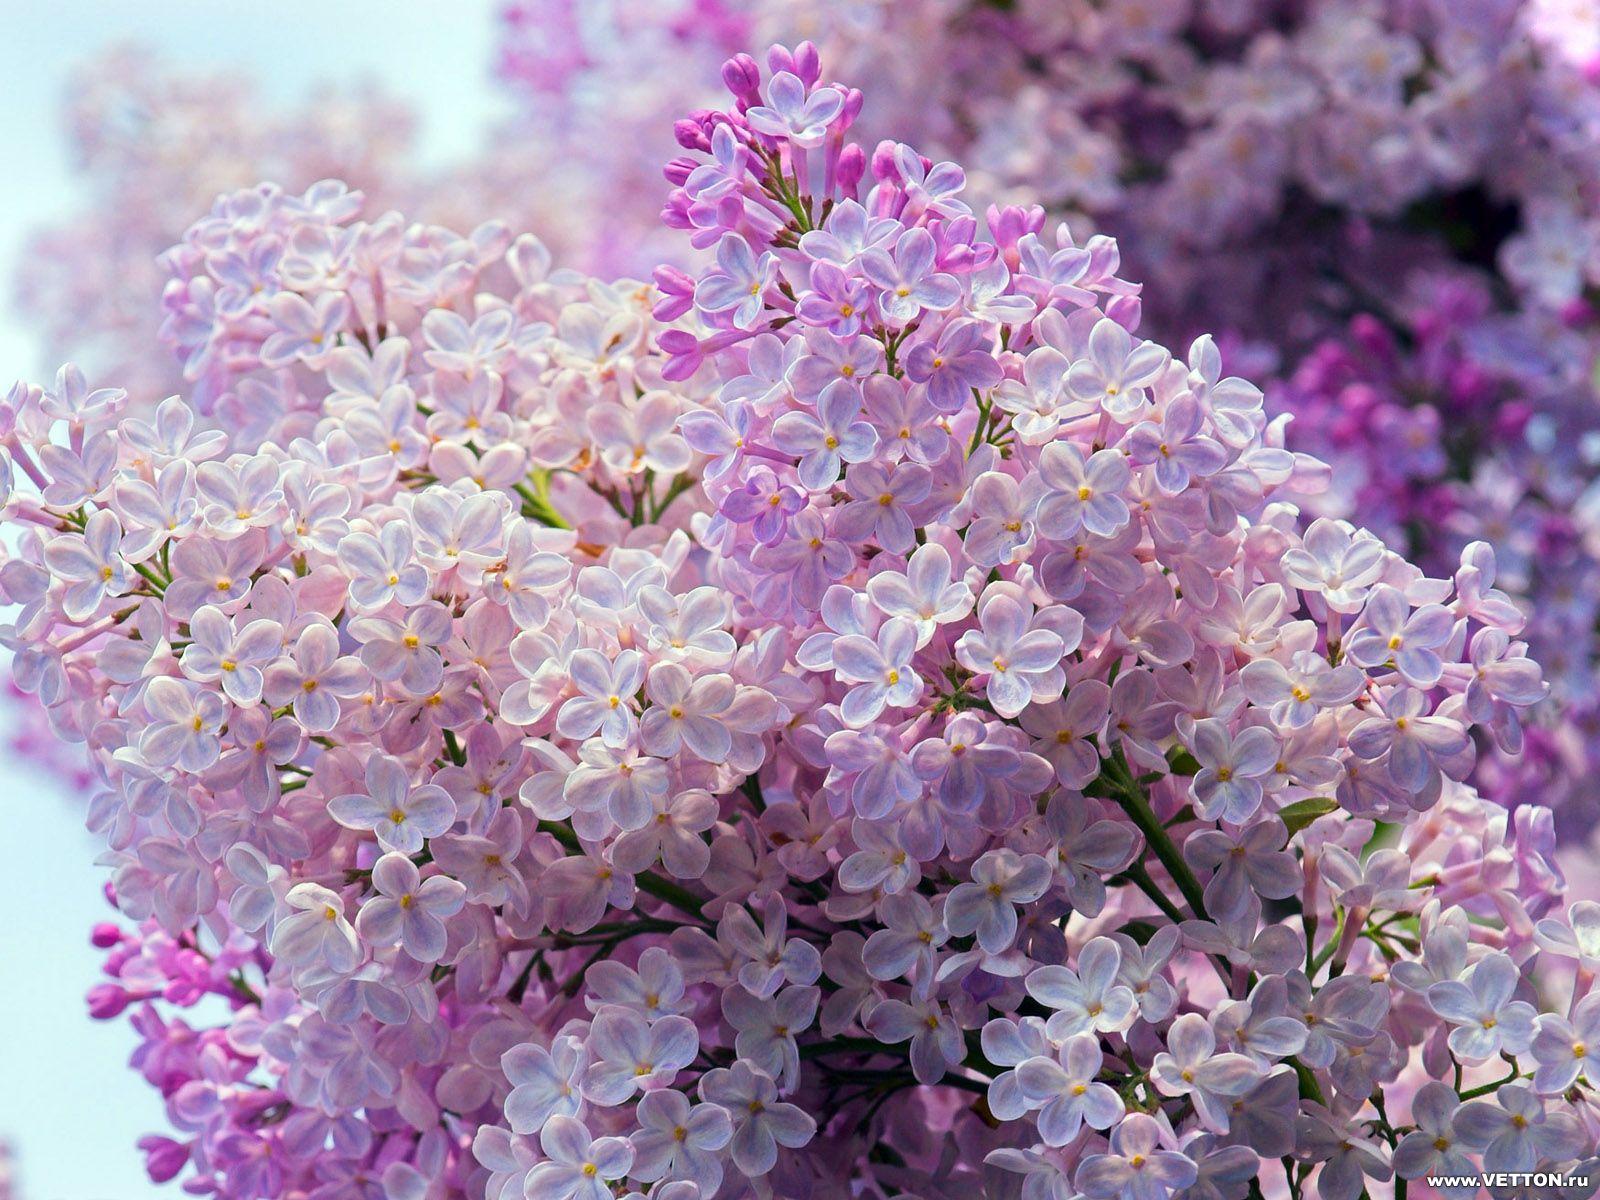 Обои для рабочего стола Цветы № 358